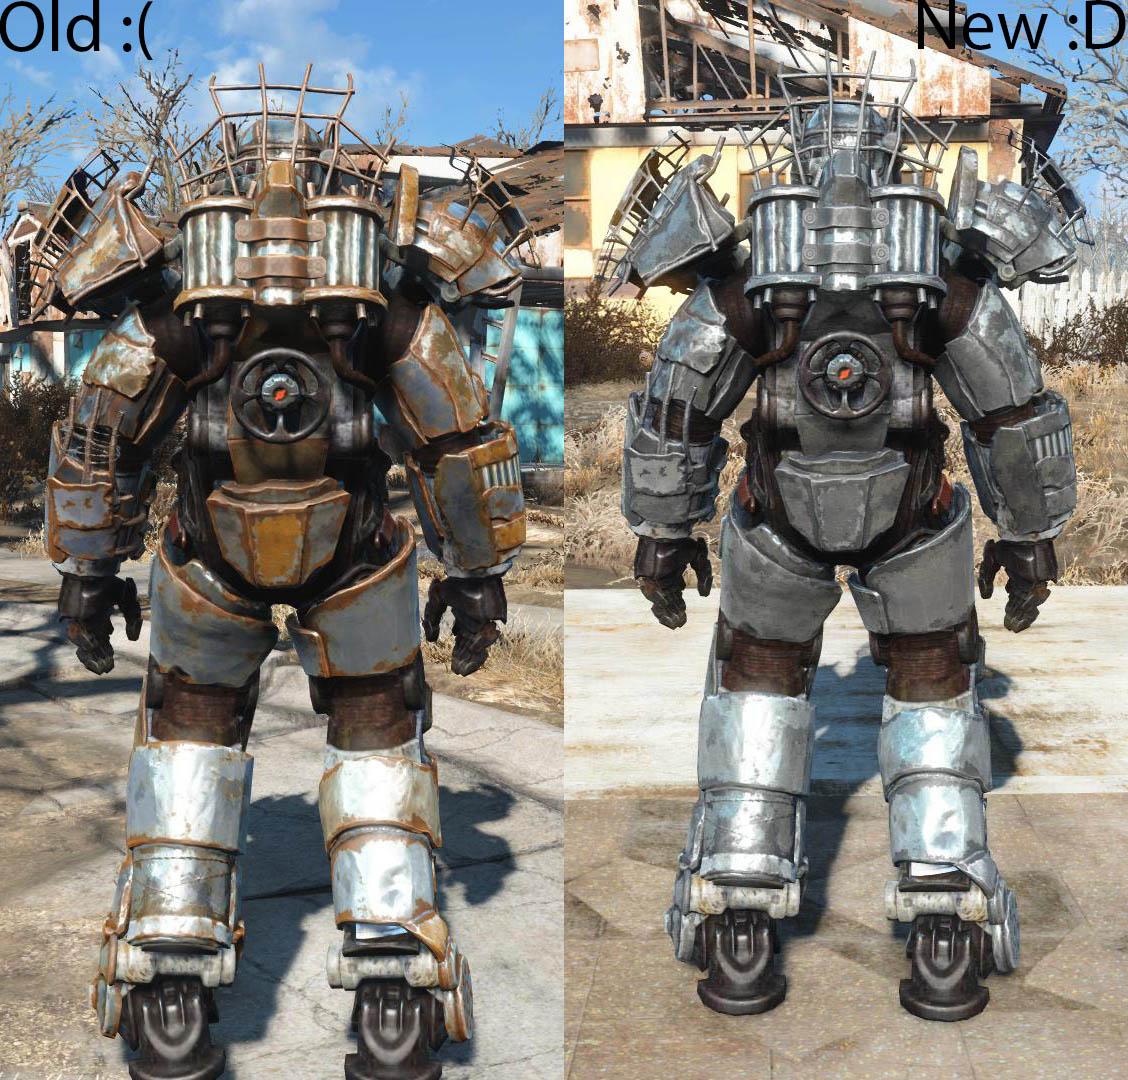 steel raider power armor パワーアーマー fallout4 mod データベース